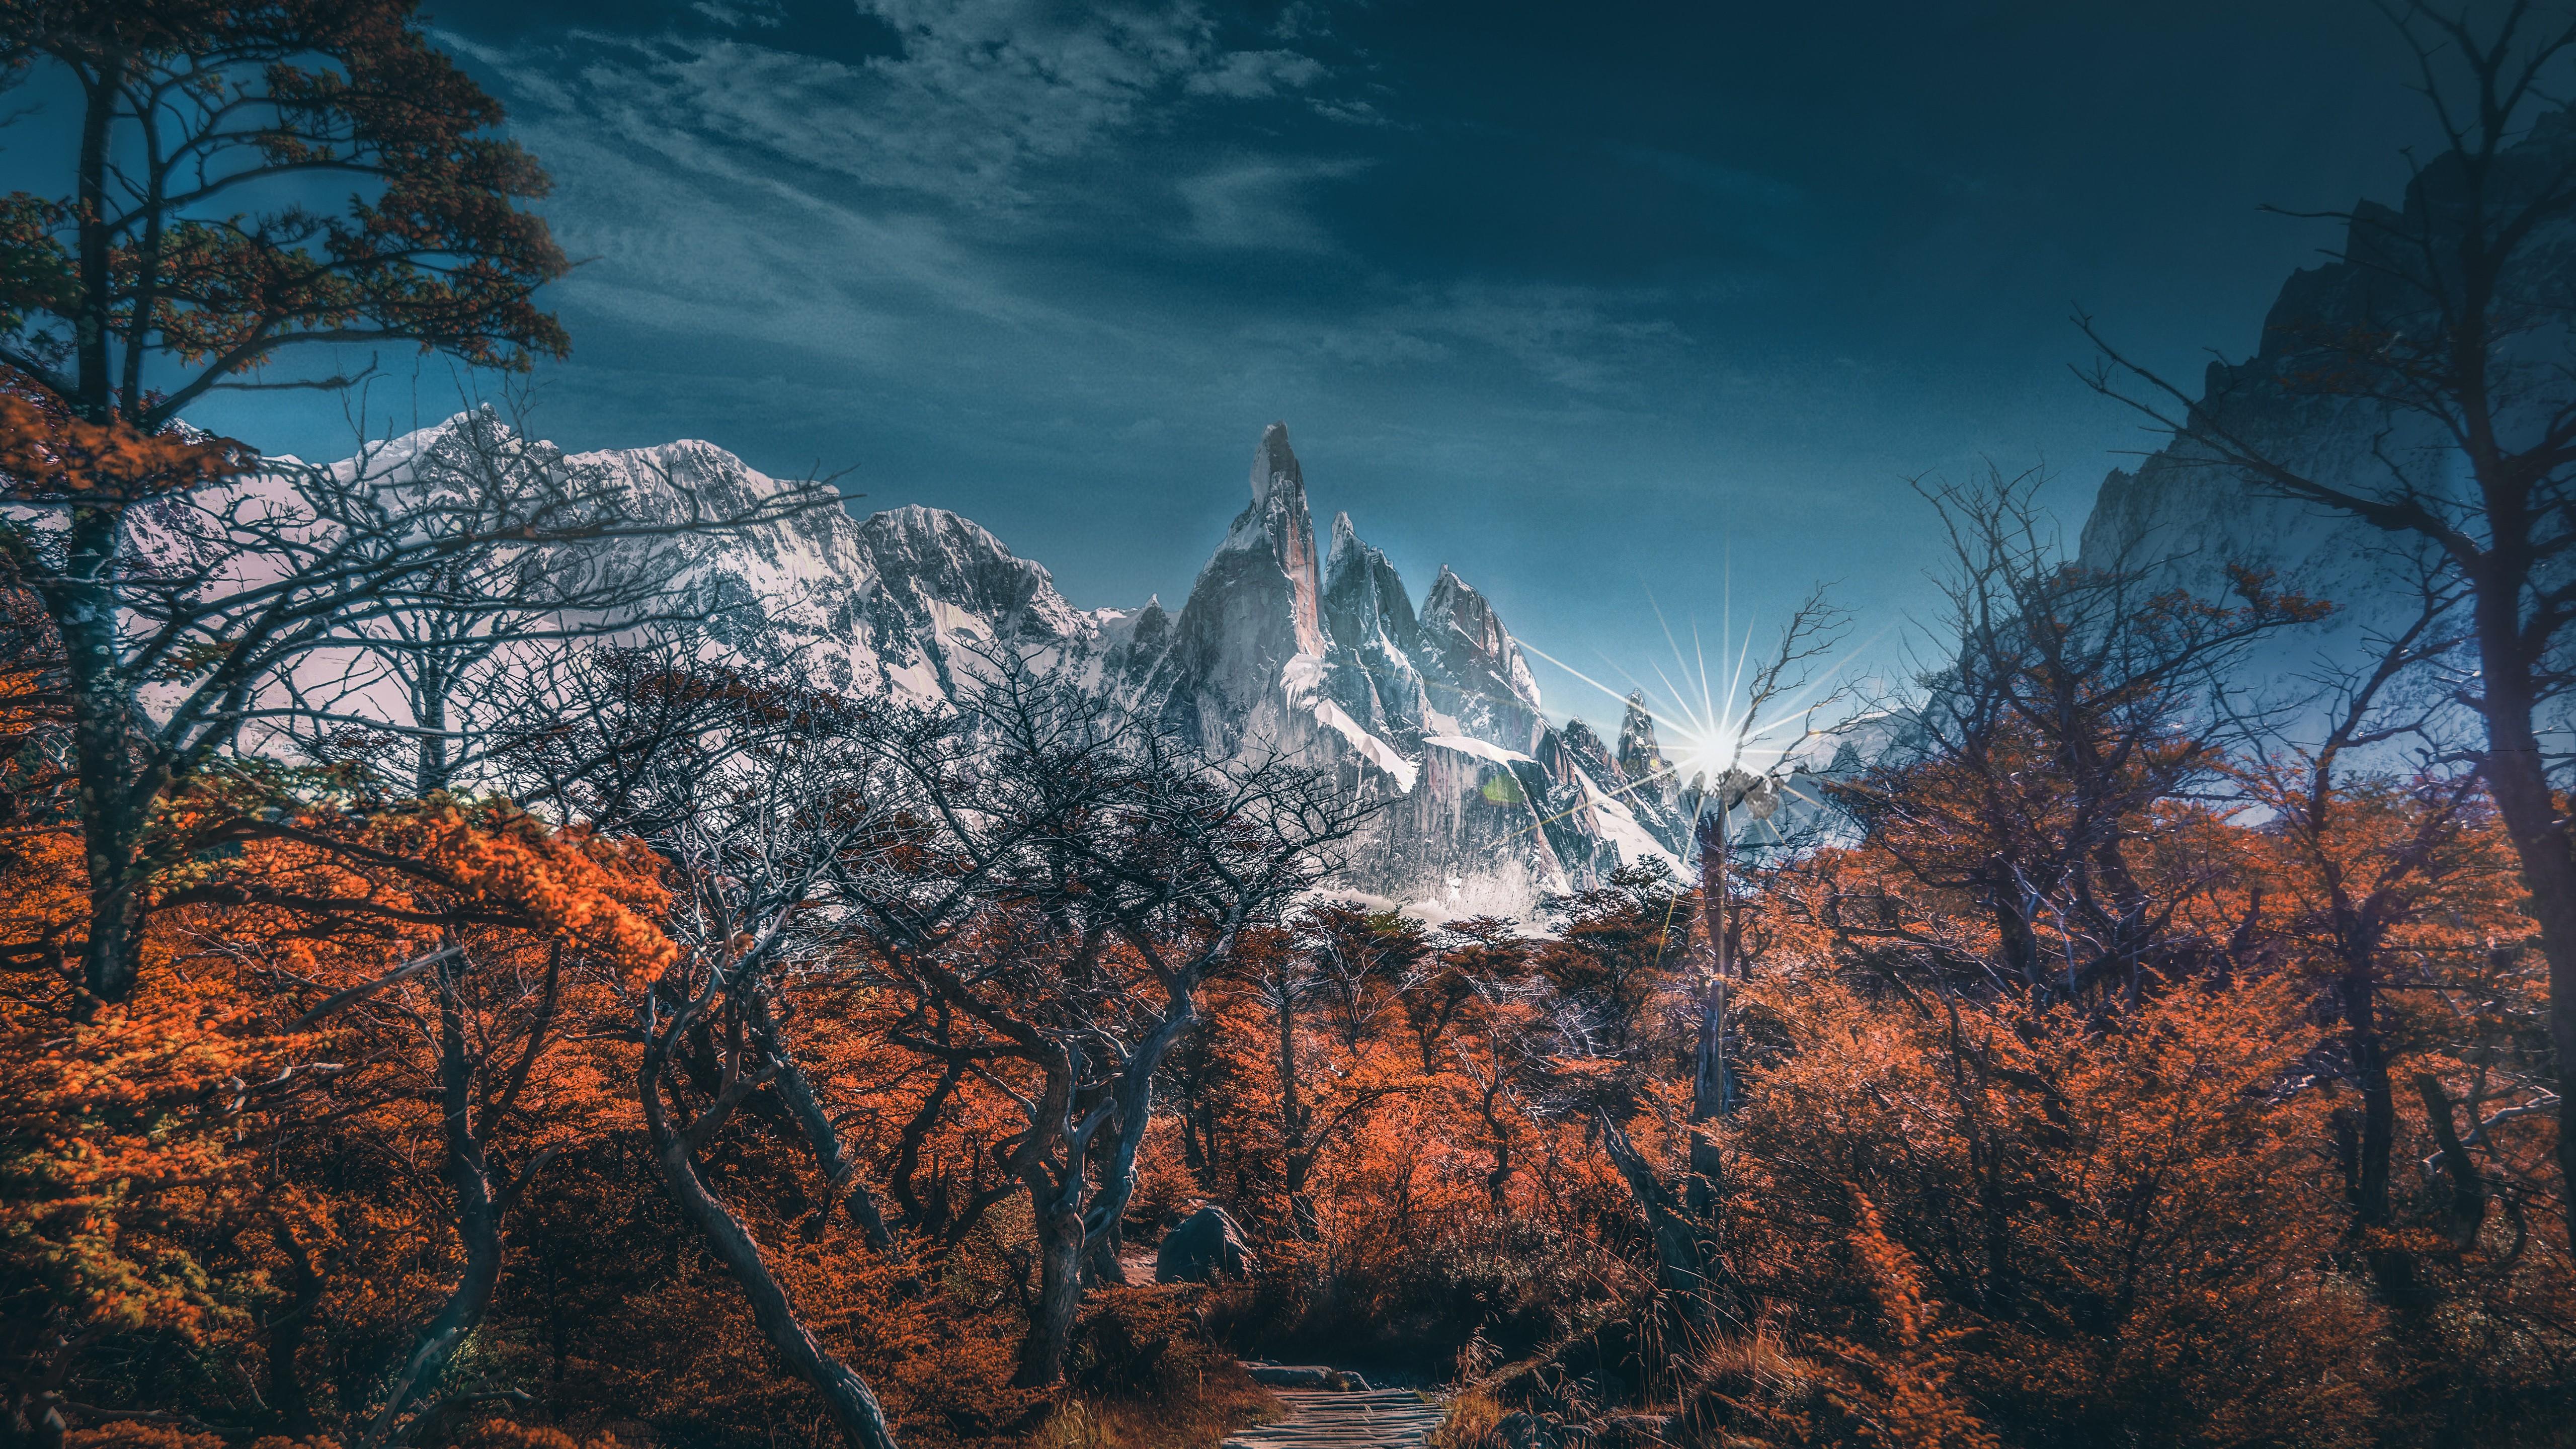 Mountain 5120x2880